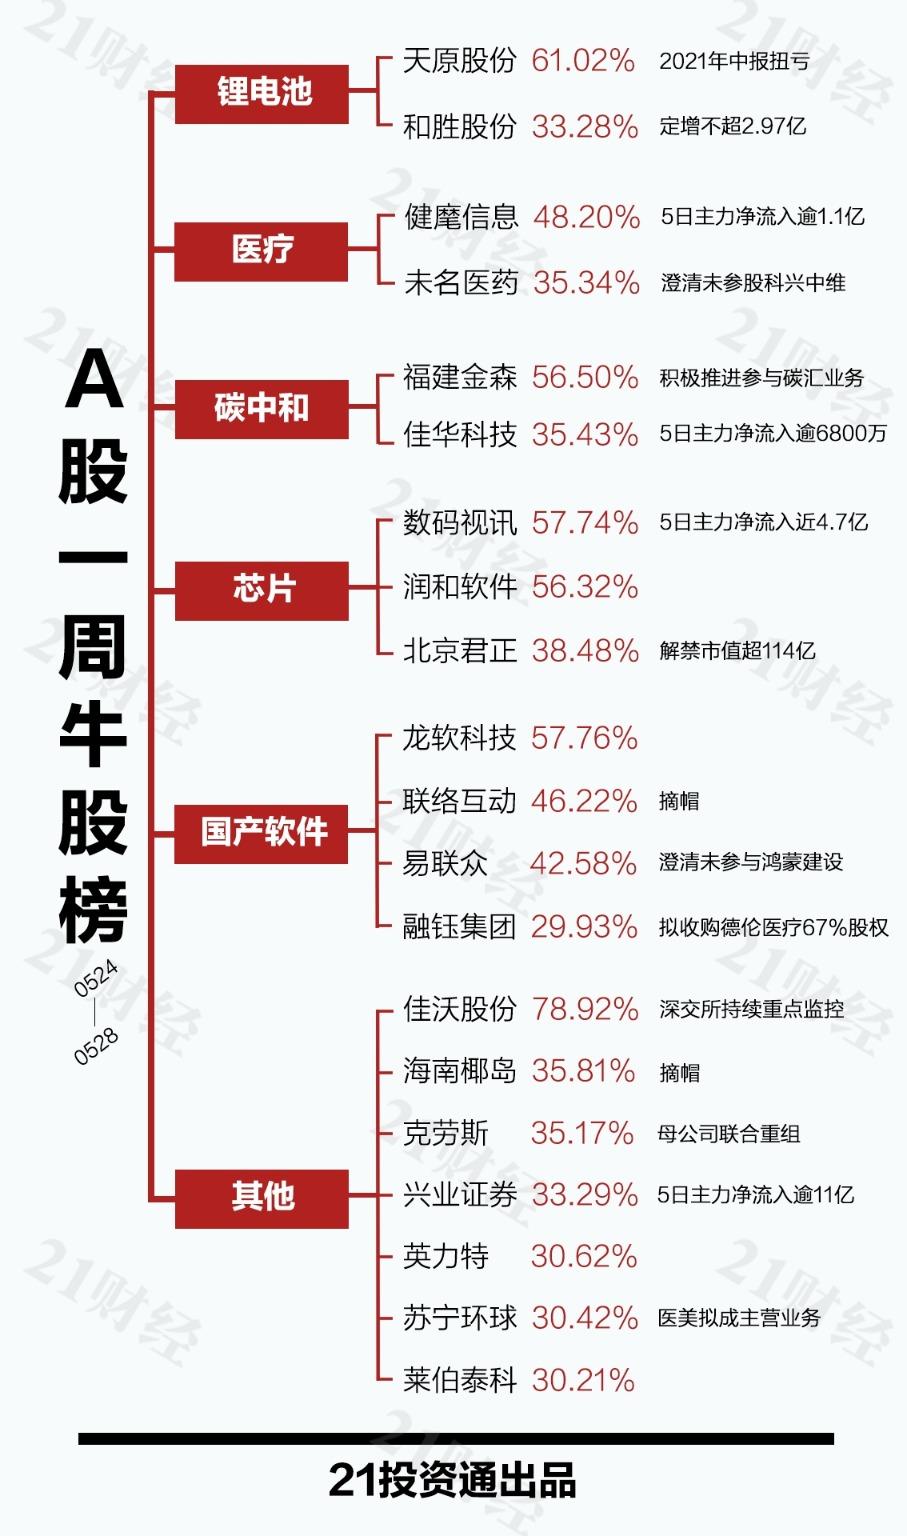 透视一周20大牛熊股:深交所盯上三文鱼龙头股 业绩连亏股价却5天涨78%